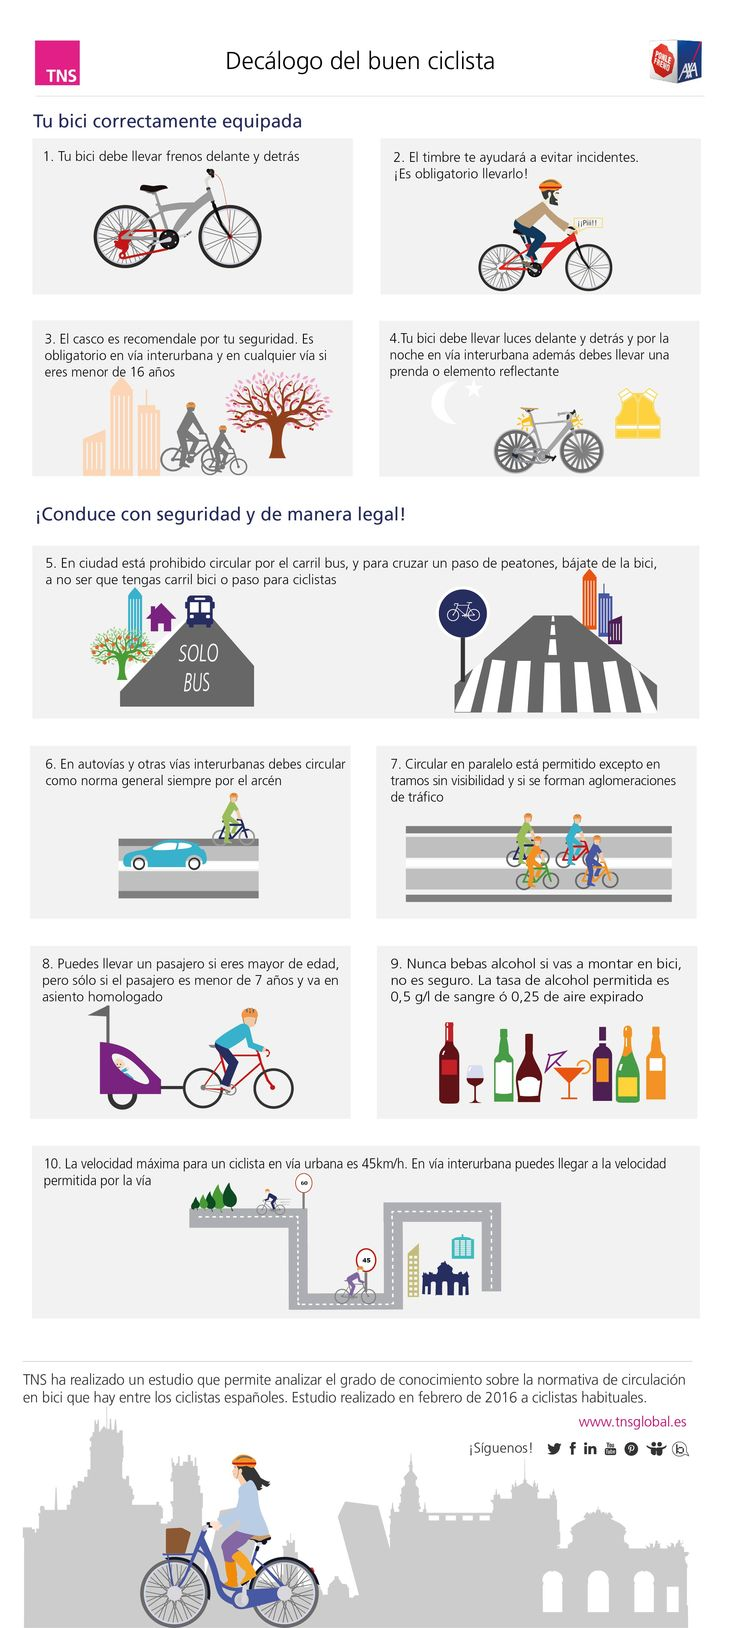 Decálogo del buen ciclista